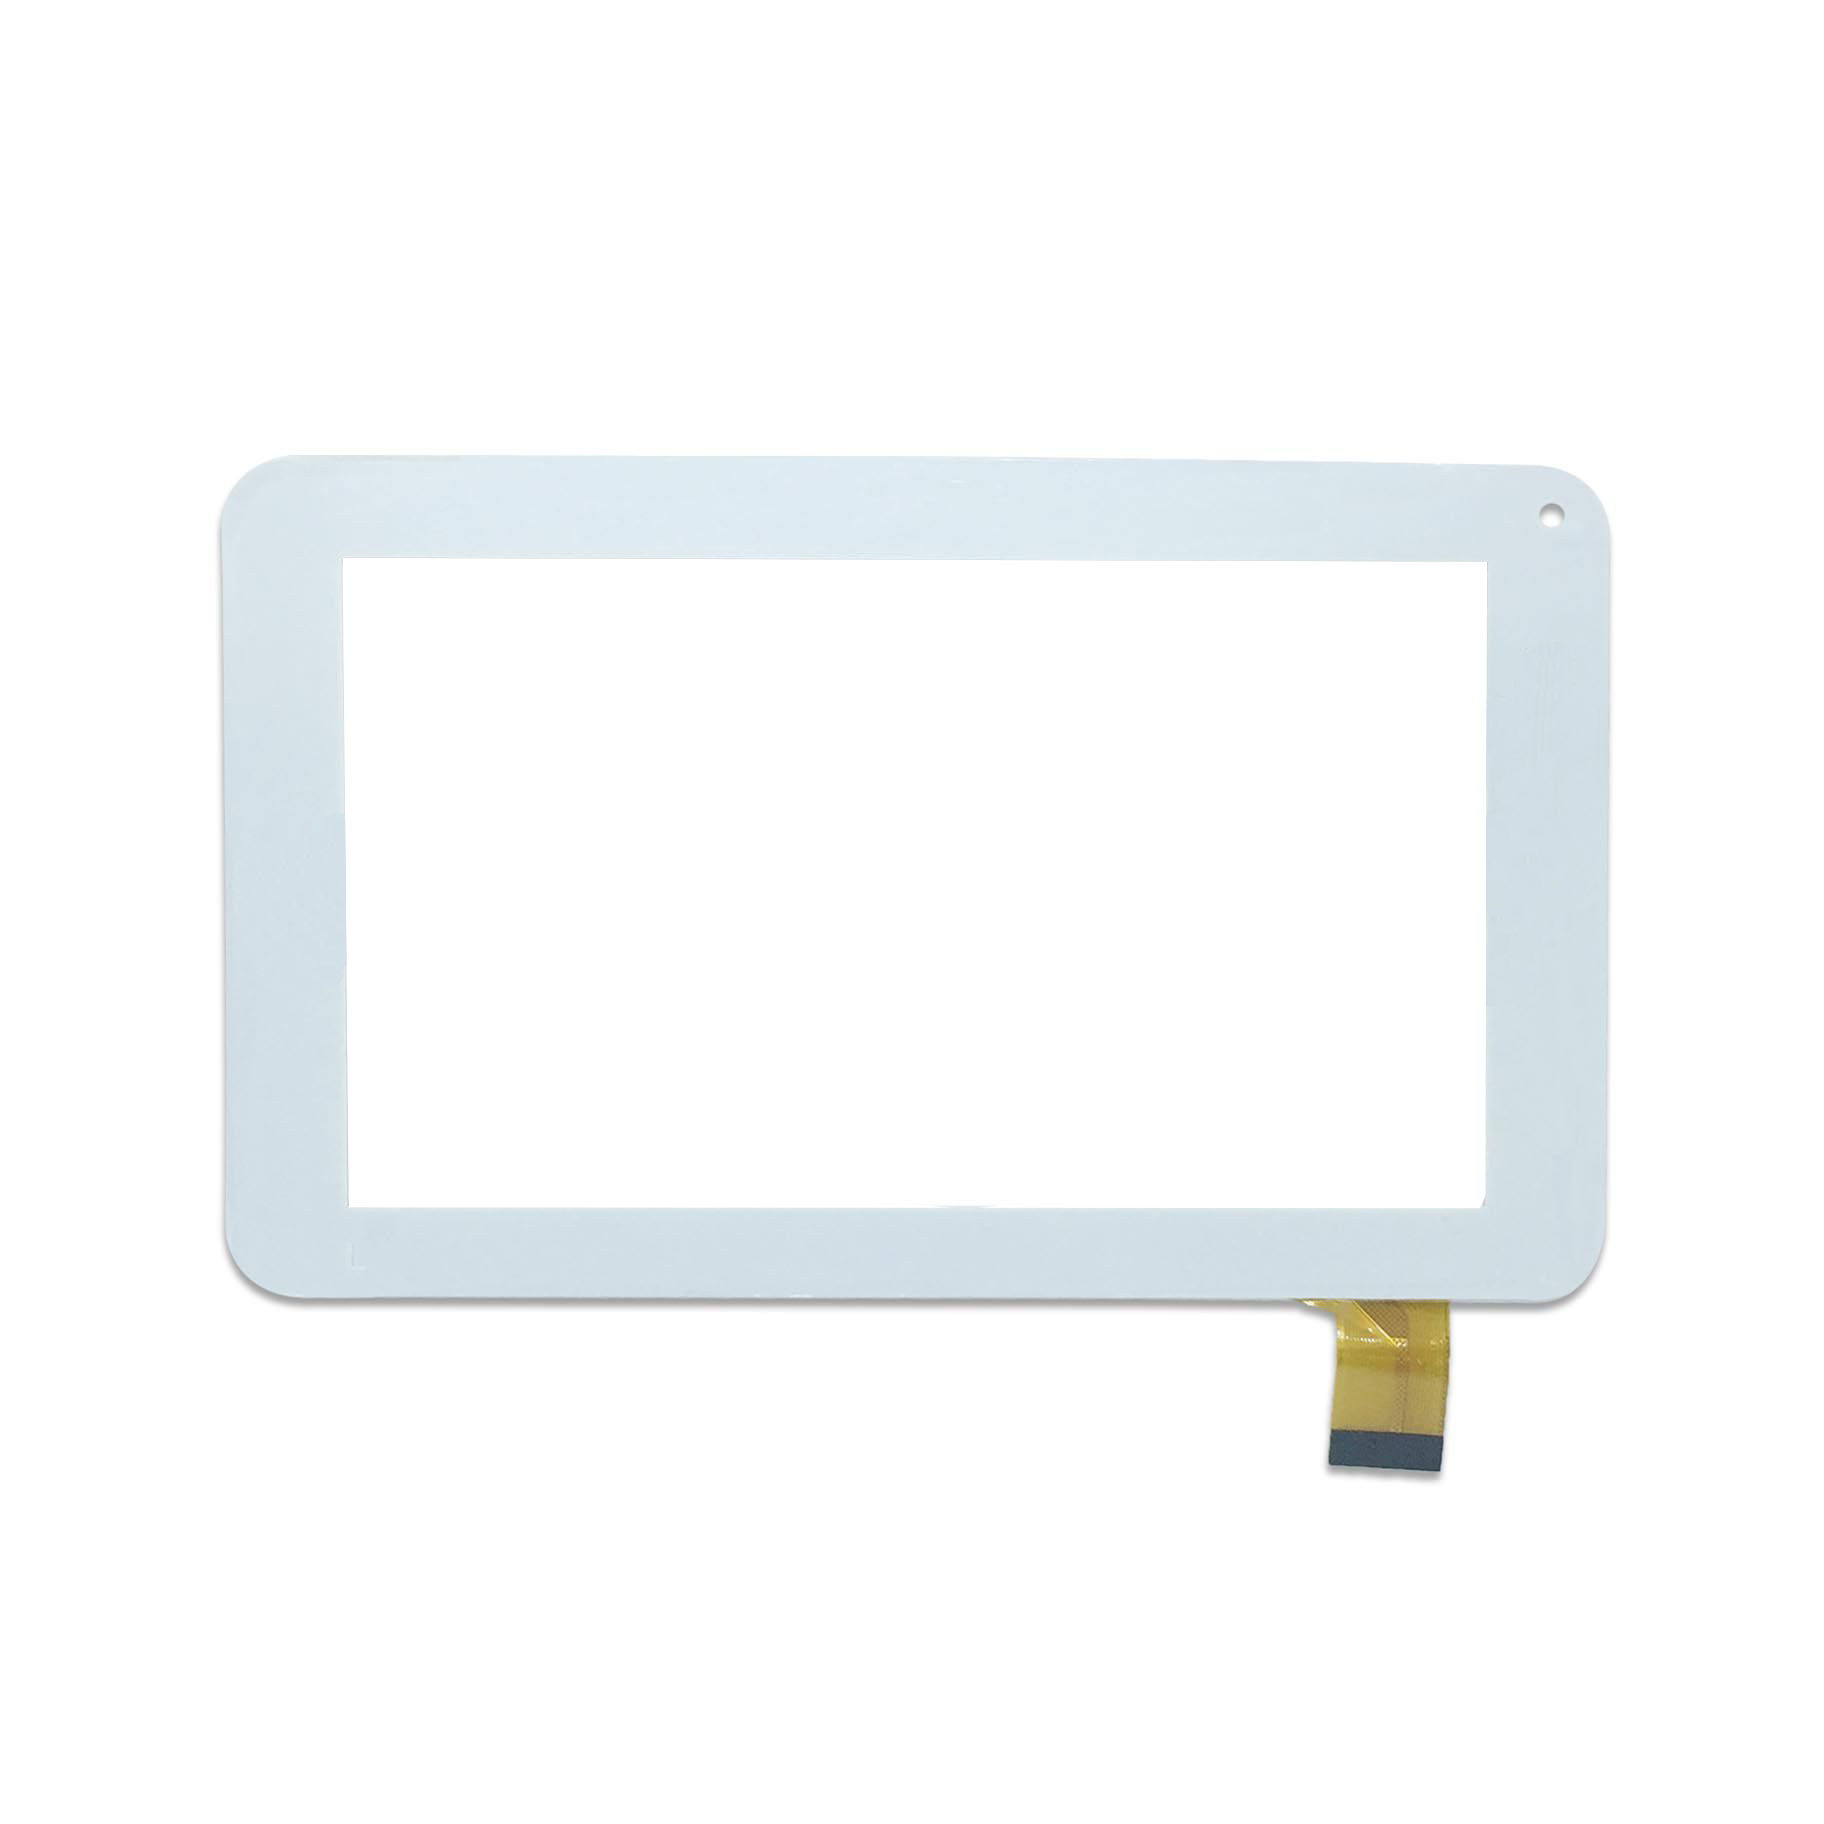 Tela Touch Dl E-Color Plus Tp257 7 Branco